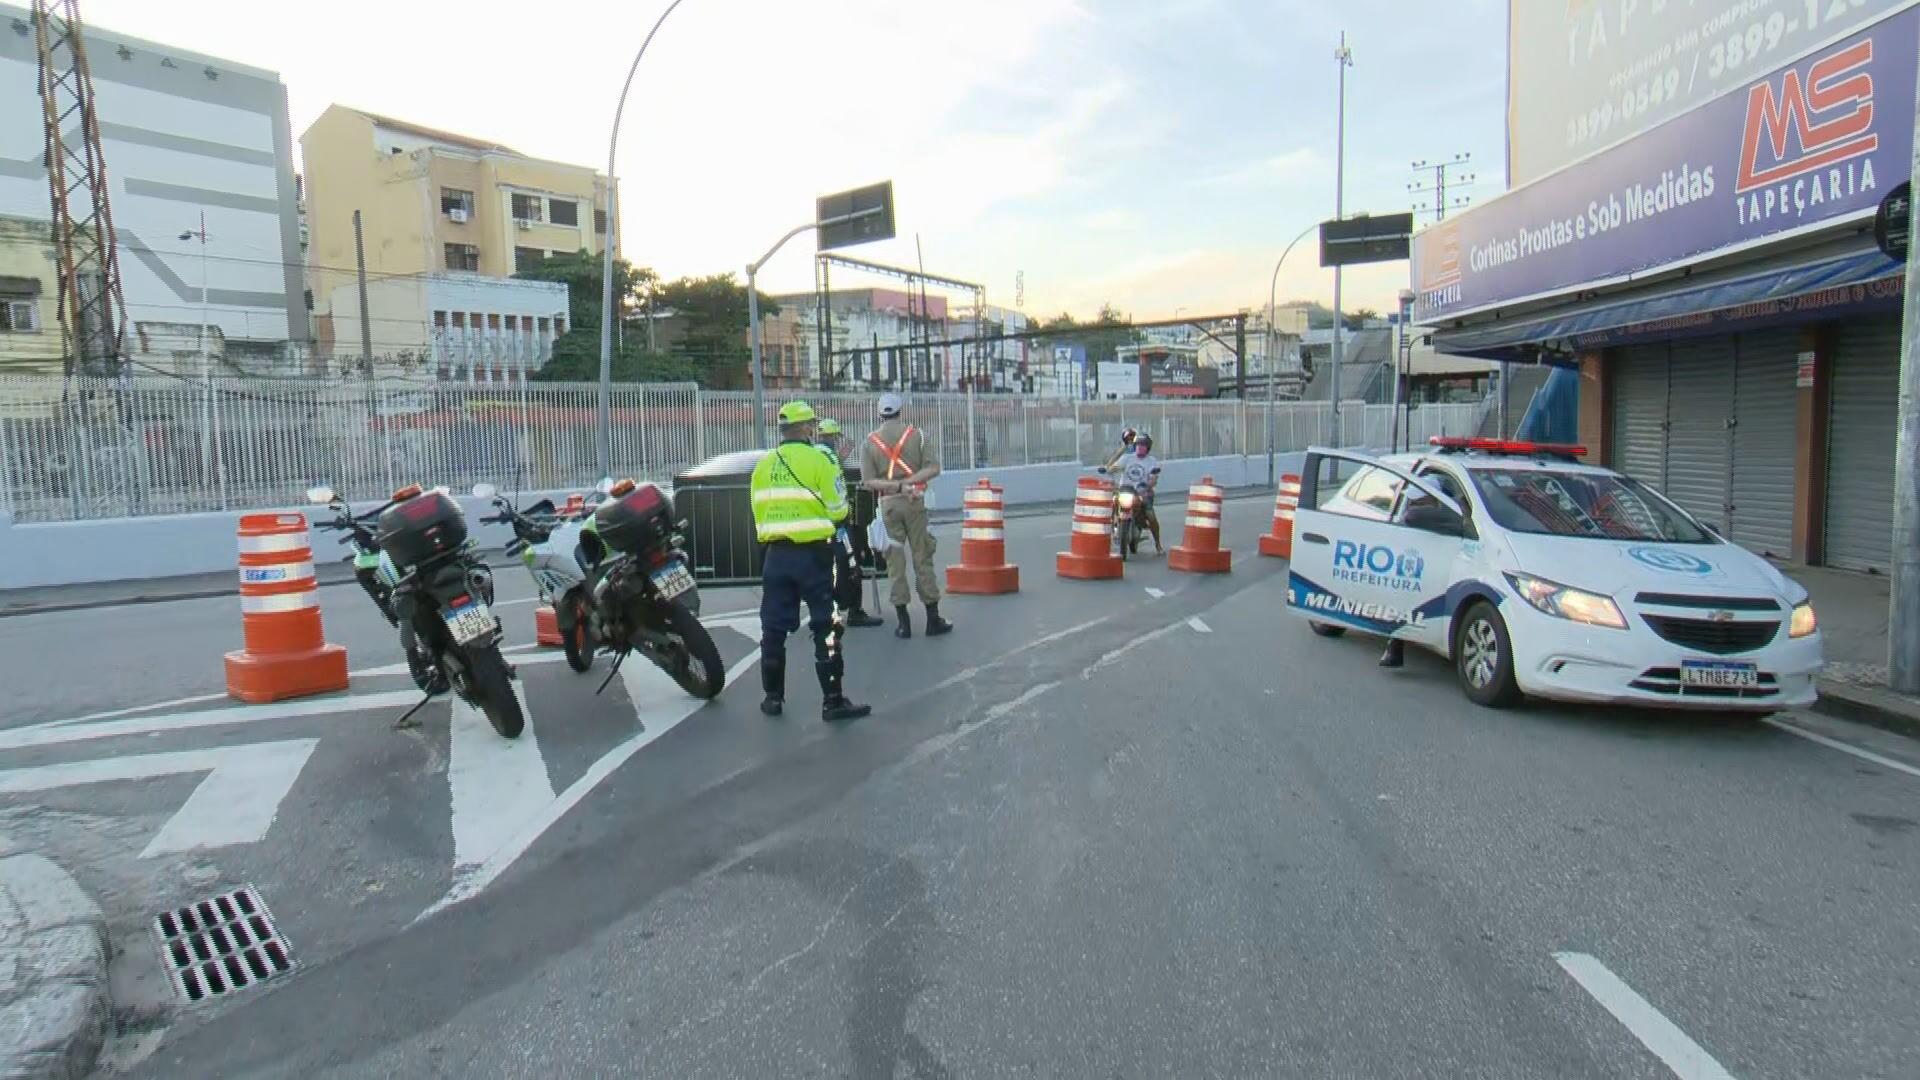 Prazo para bloqueios de circulação em bairros do Rio termina nesta segunda-feira